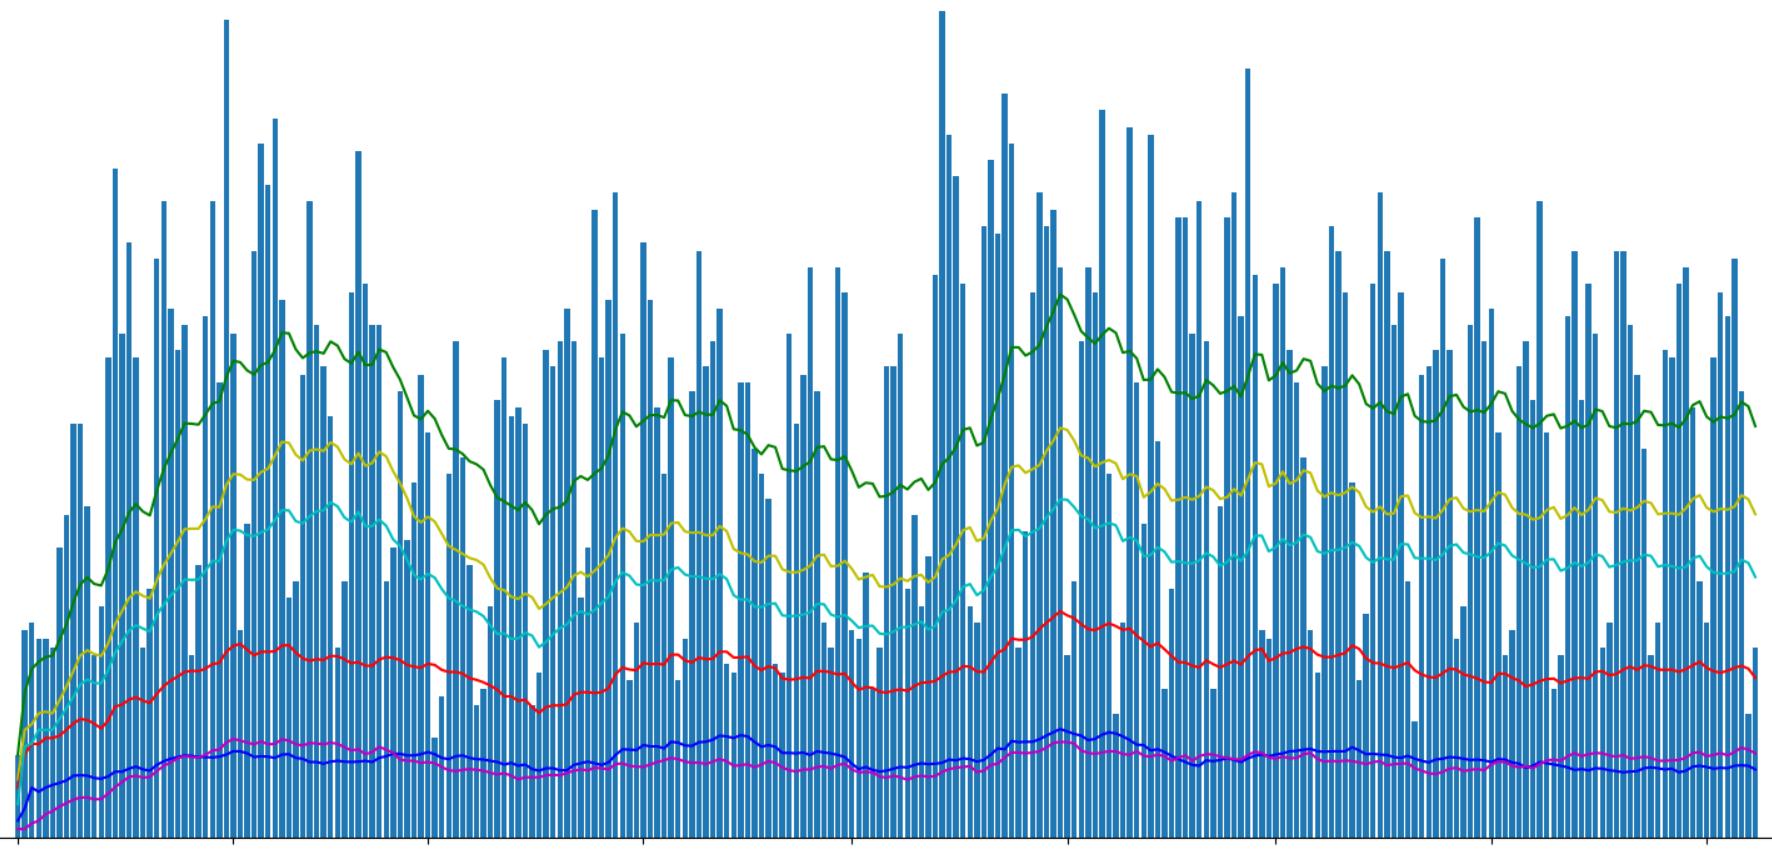 Хабрастатистика: исследуем лучшие хабы